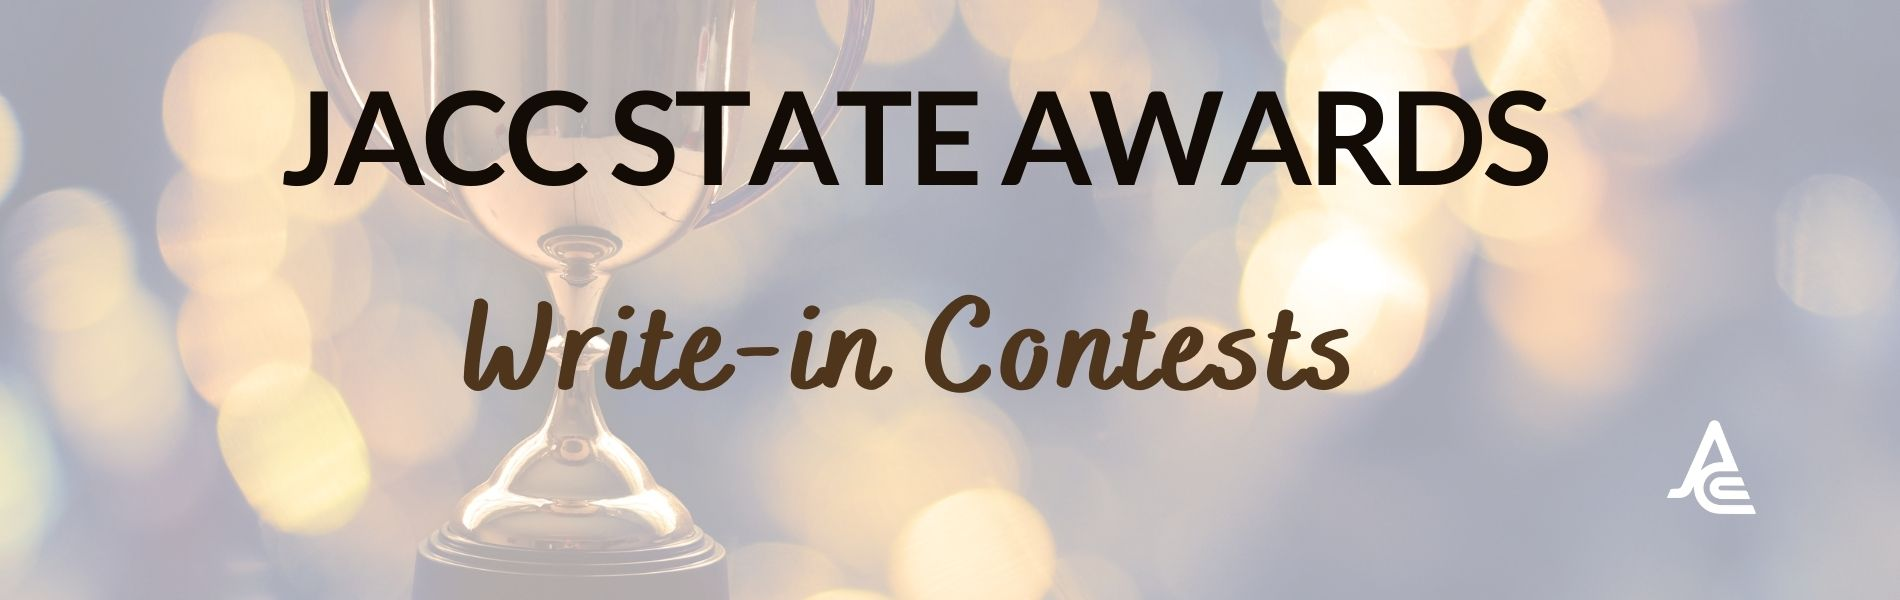 2021 jacc write-in awards metaslider